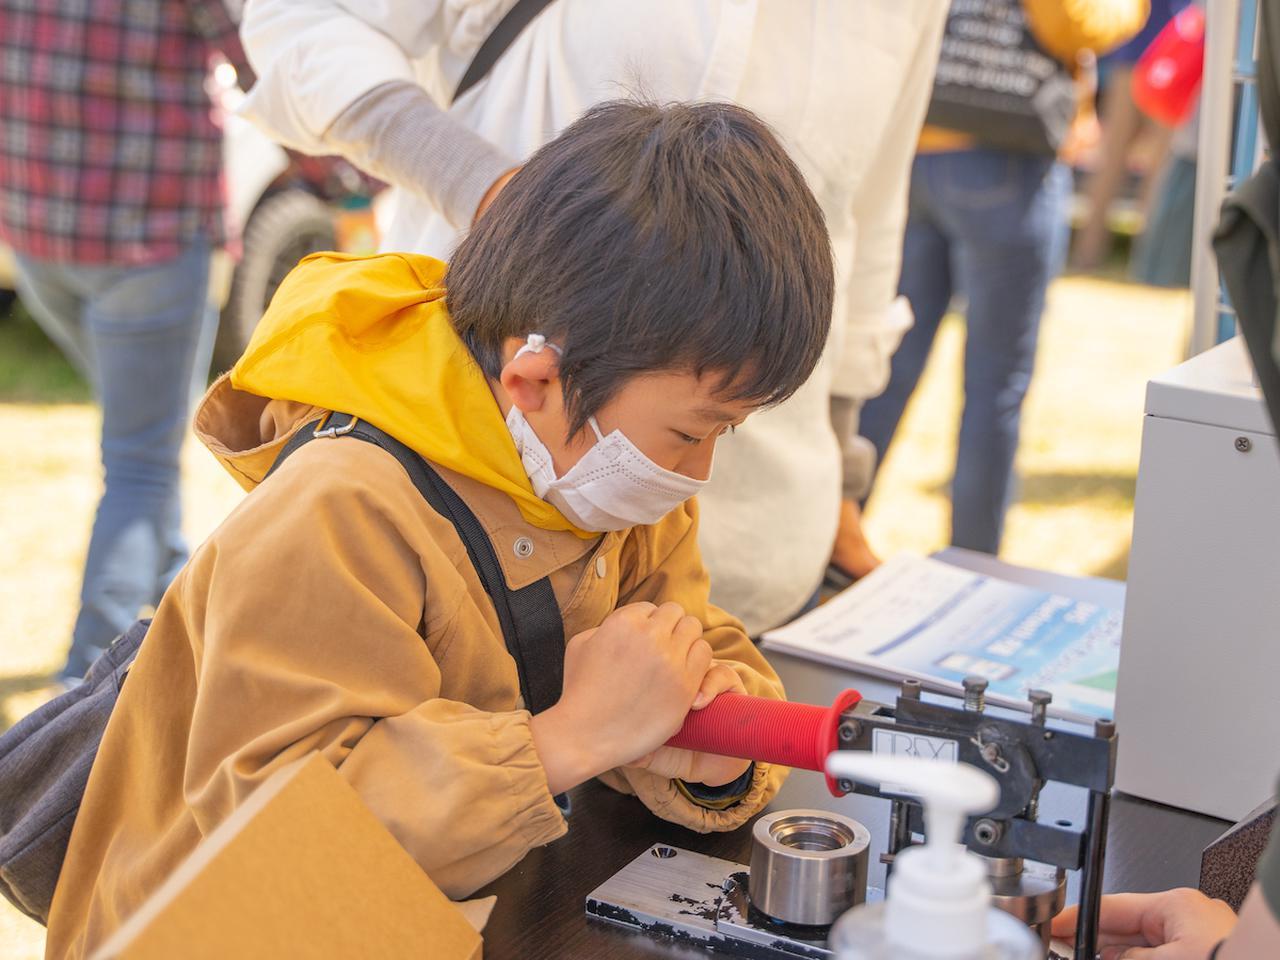 画像: Stage21 のブースで体験させてくれた缶バッジ作りは、唯一の子ども向け体験コーナーでした。